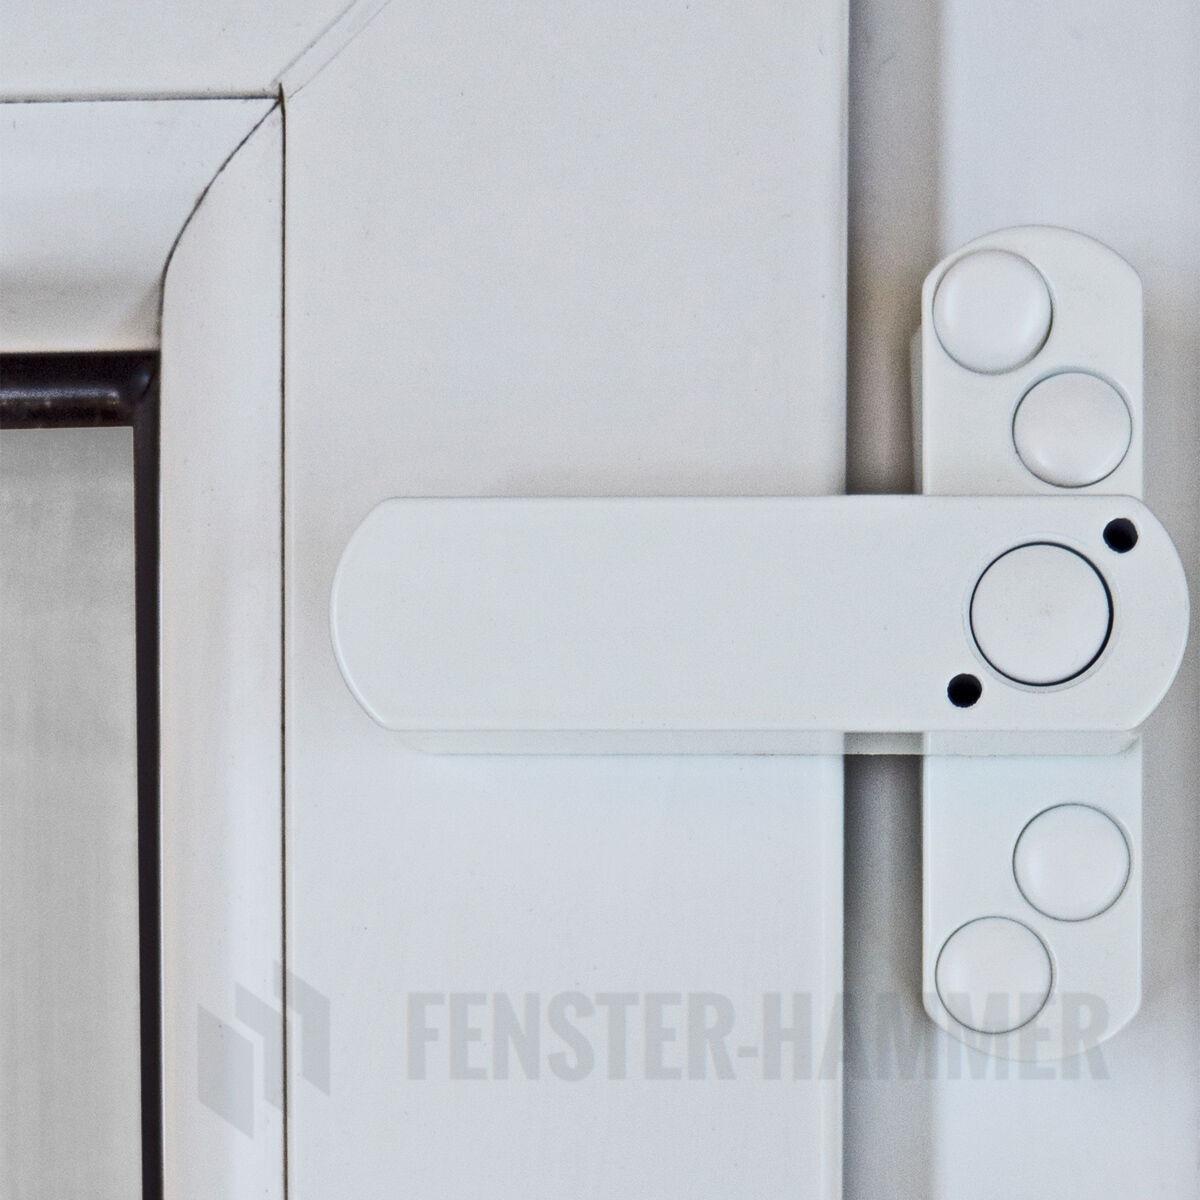 4 x fenstersicherung bever stuco safe 20sw einbruchsicherung weiss eur 61 50 picclick at. Black Bedroom Furniture Sets. Home Design Ideas